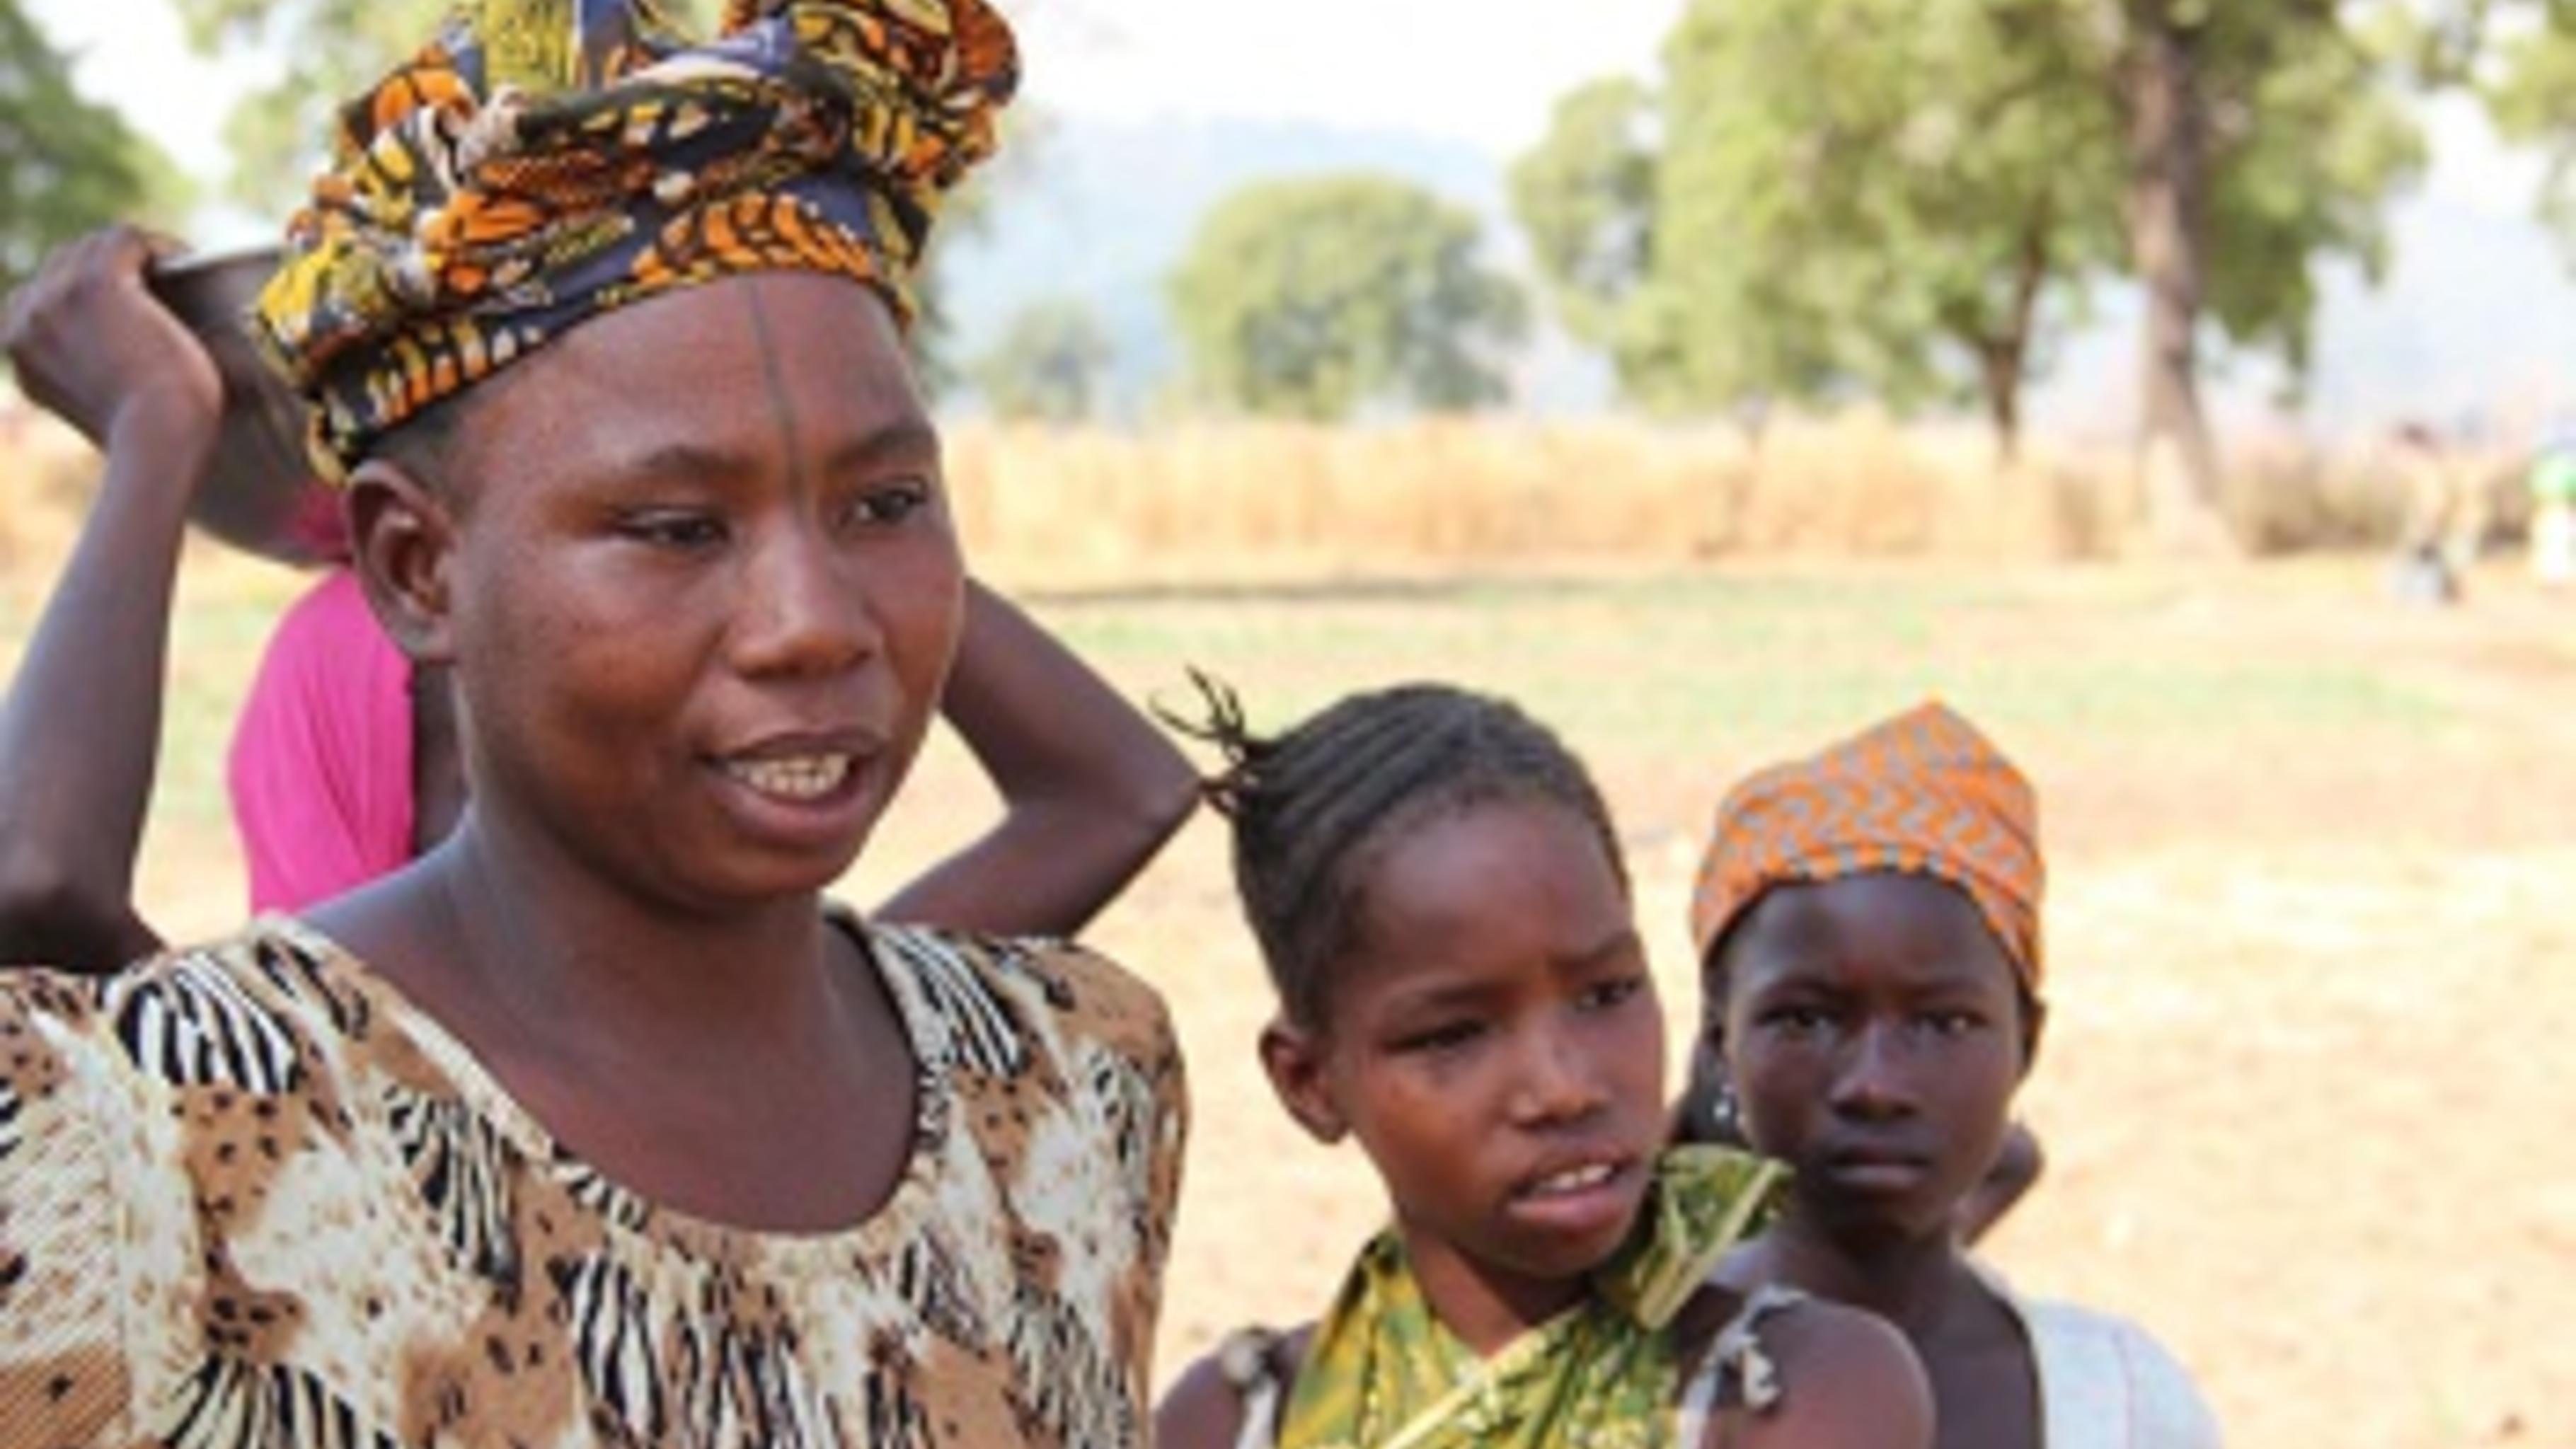 Djeneba Bassidougou genießt ihren Garten mit den Kindern. © Svenja Koch/Oxfam